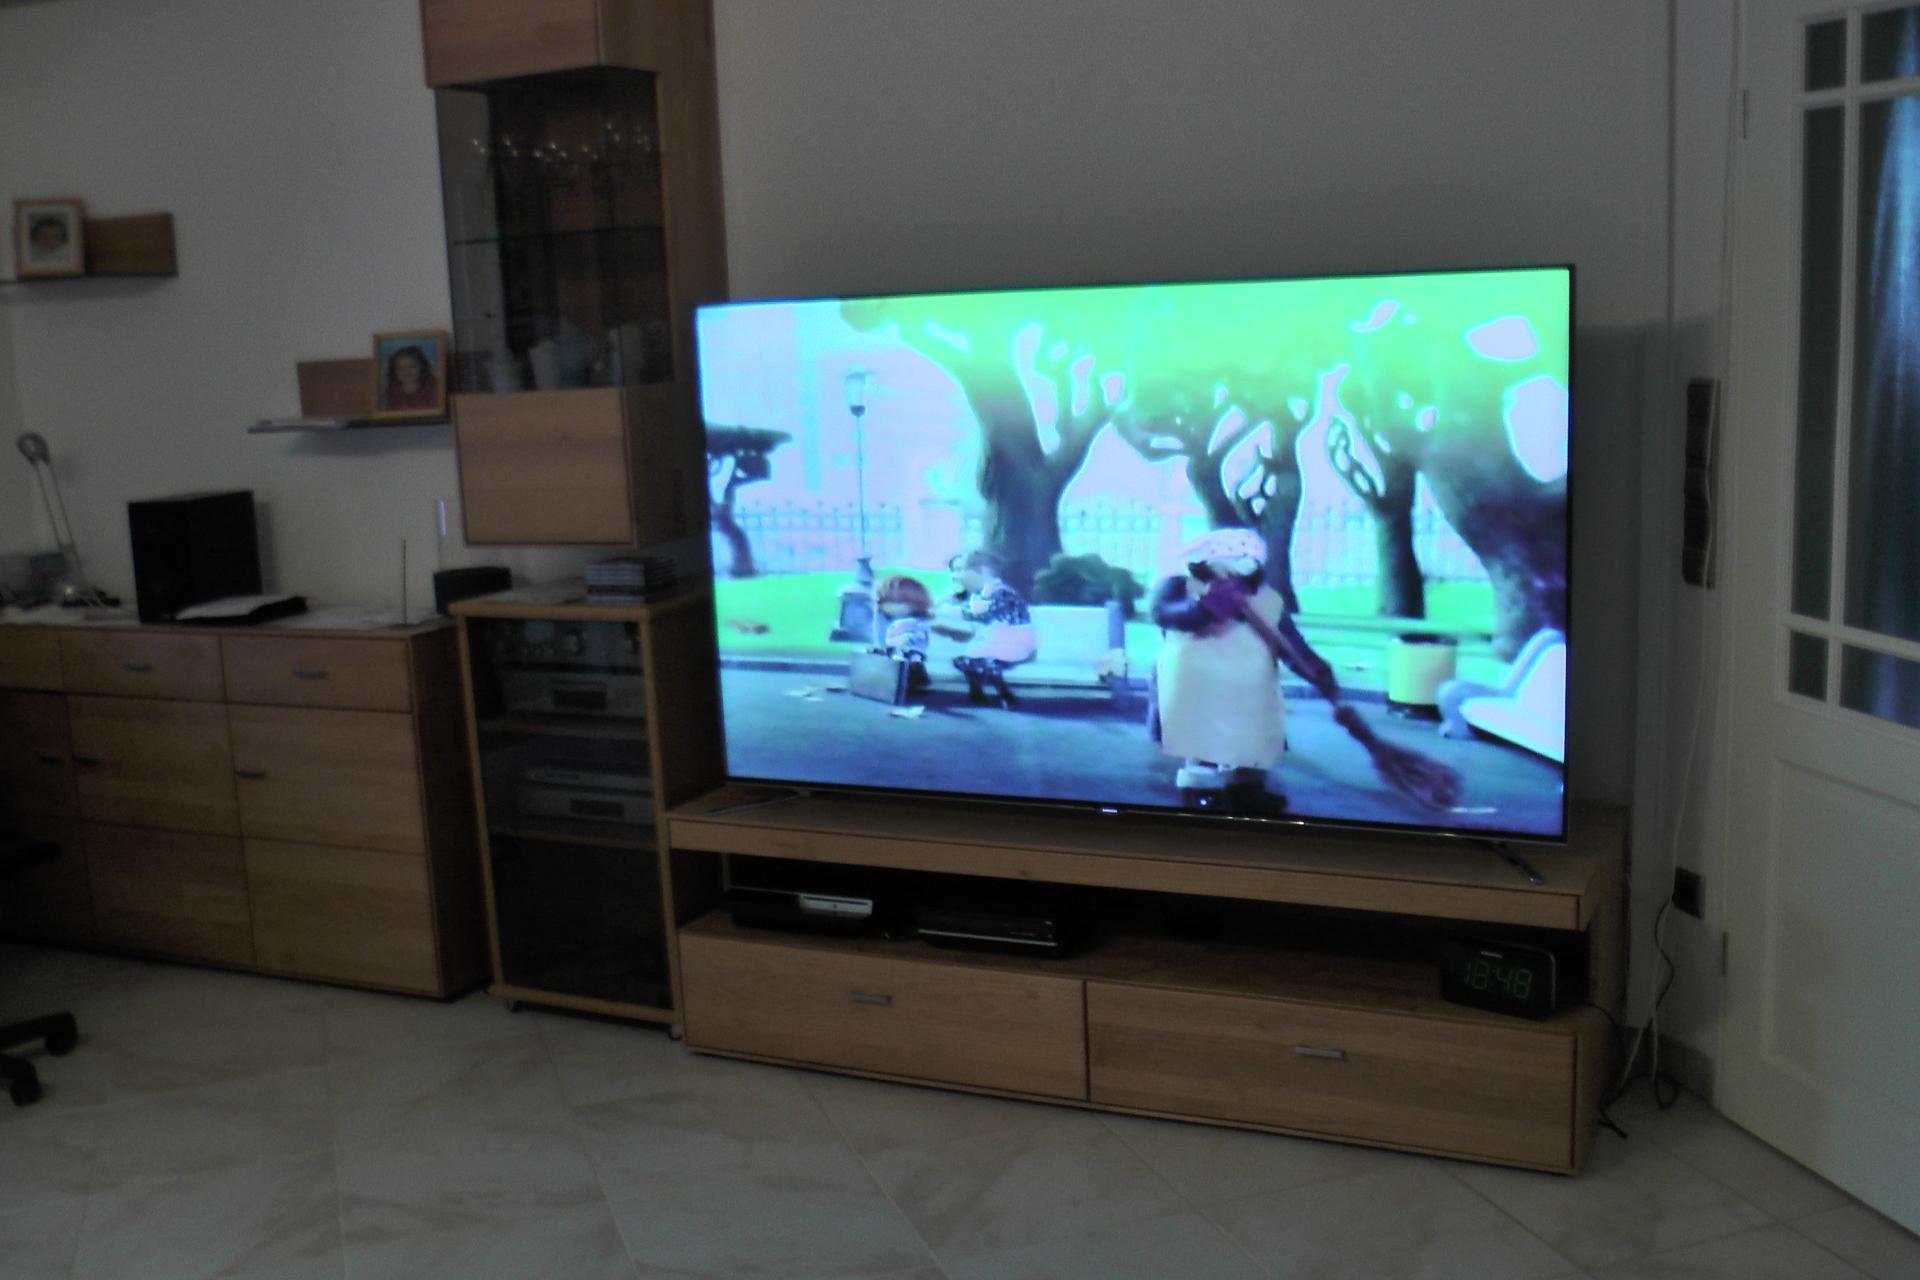 Wohnzimmer ca 50 qm 75 zoll samsung qm samsung - Tv wandhalterung 75 zoll ...